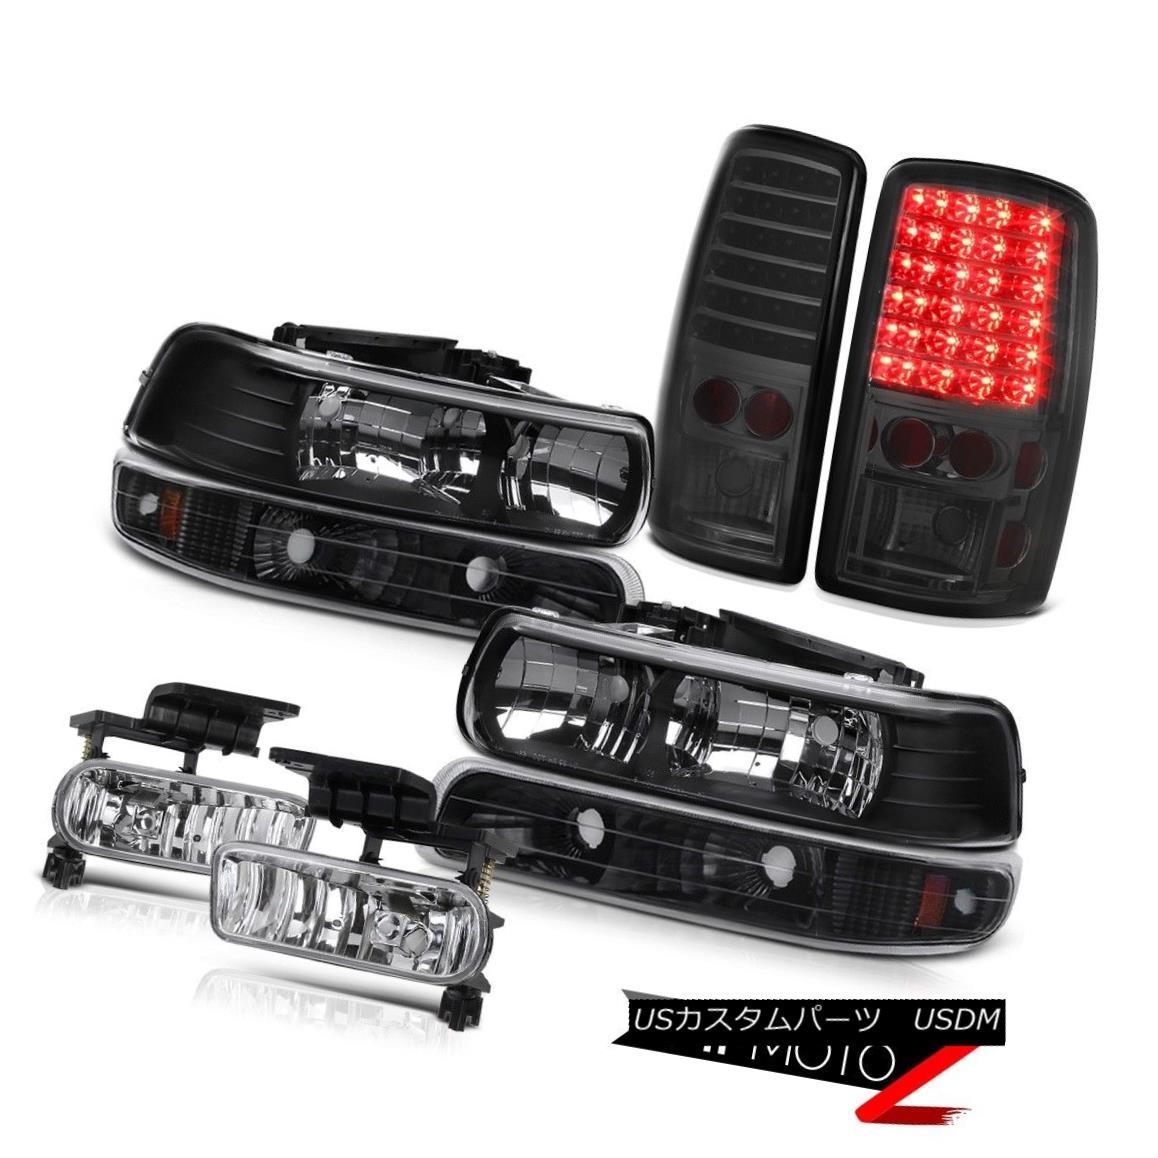 ヘッドライト Jet Black Headlights Onyx Bumper Signal Tail Lights Euro Fog 00-06 Suburban Z71 ジェットブラックヘッドライトオニキスバンパー信号テールライトユーロフォグ00-06郊外Z71